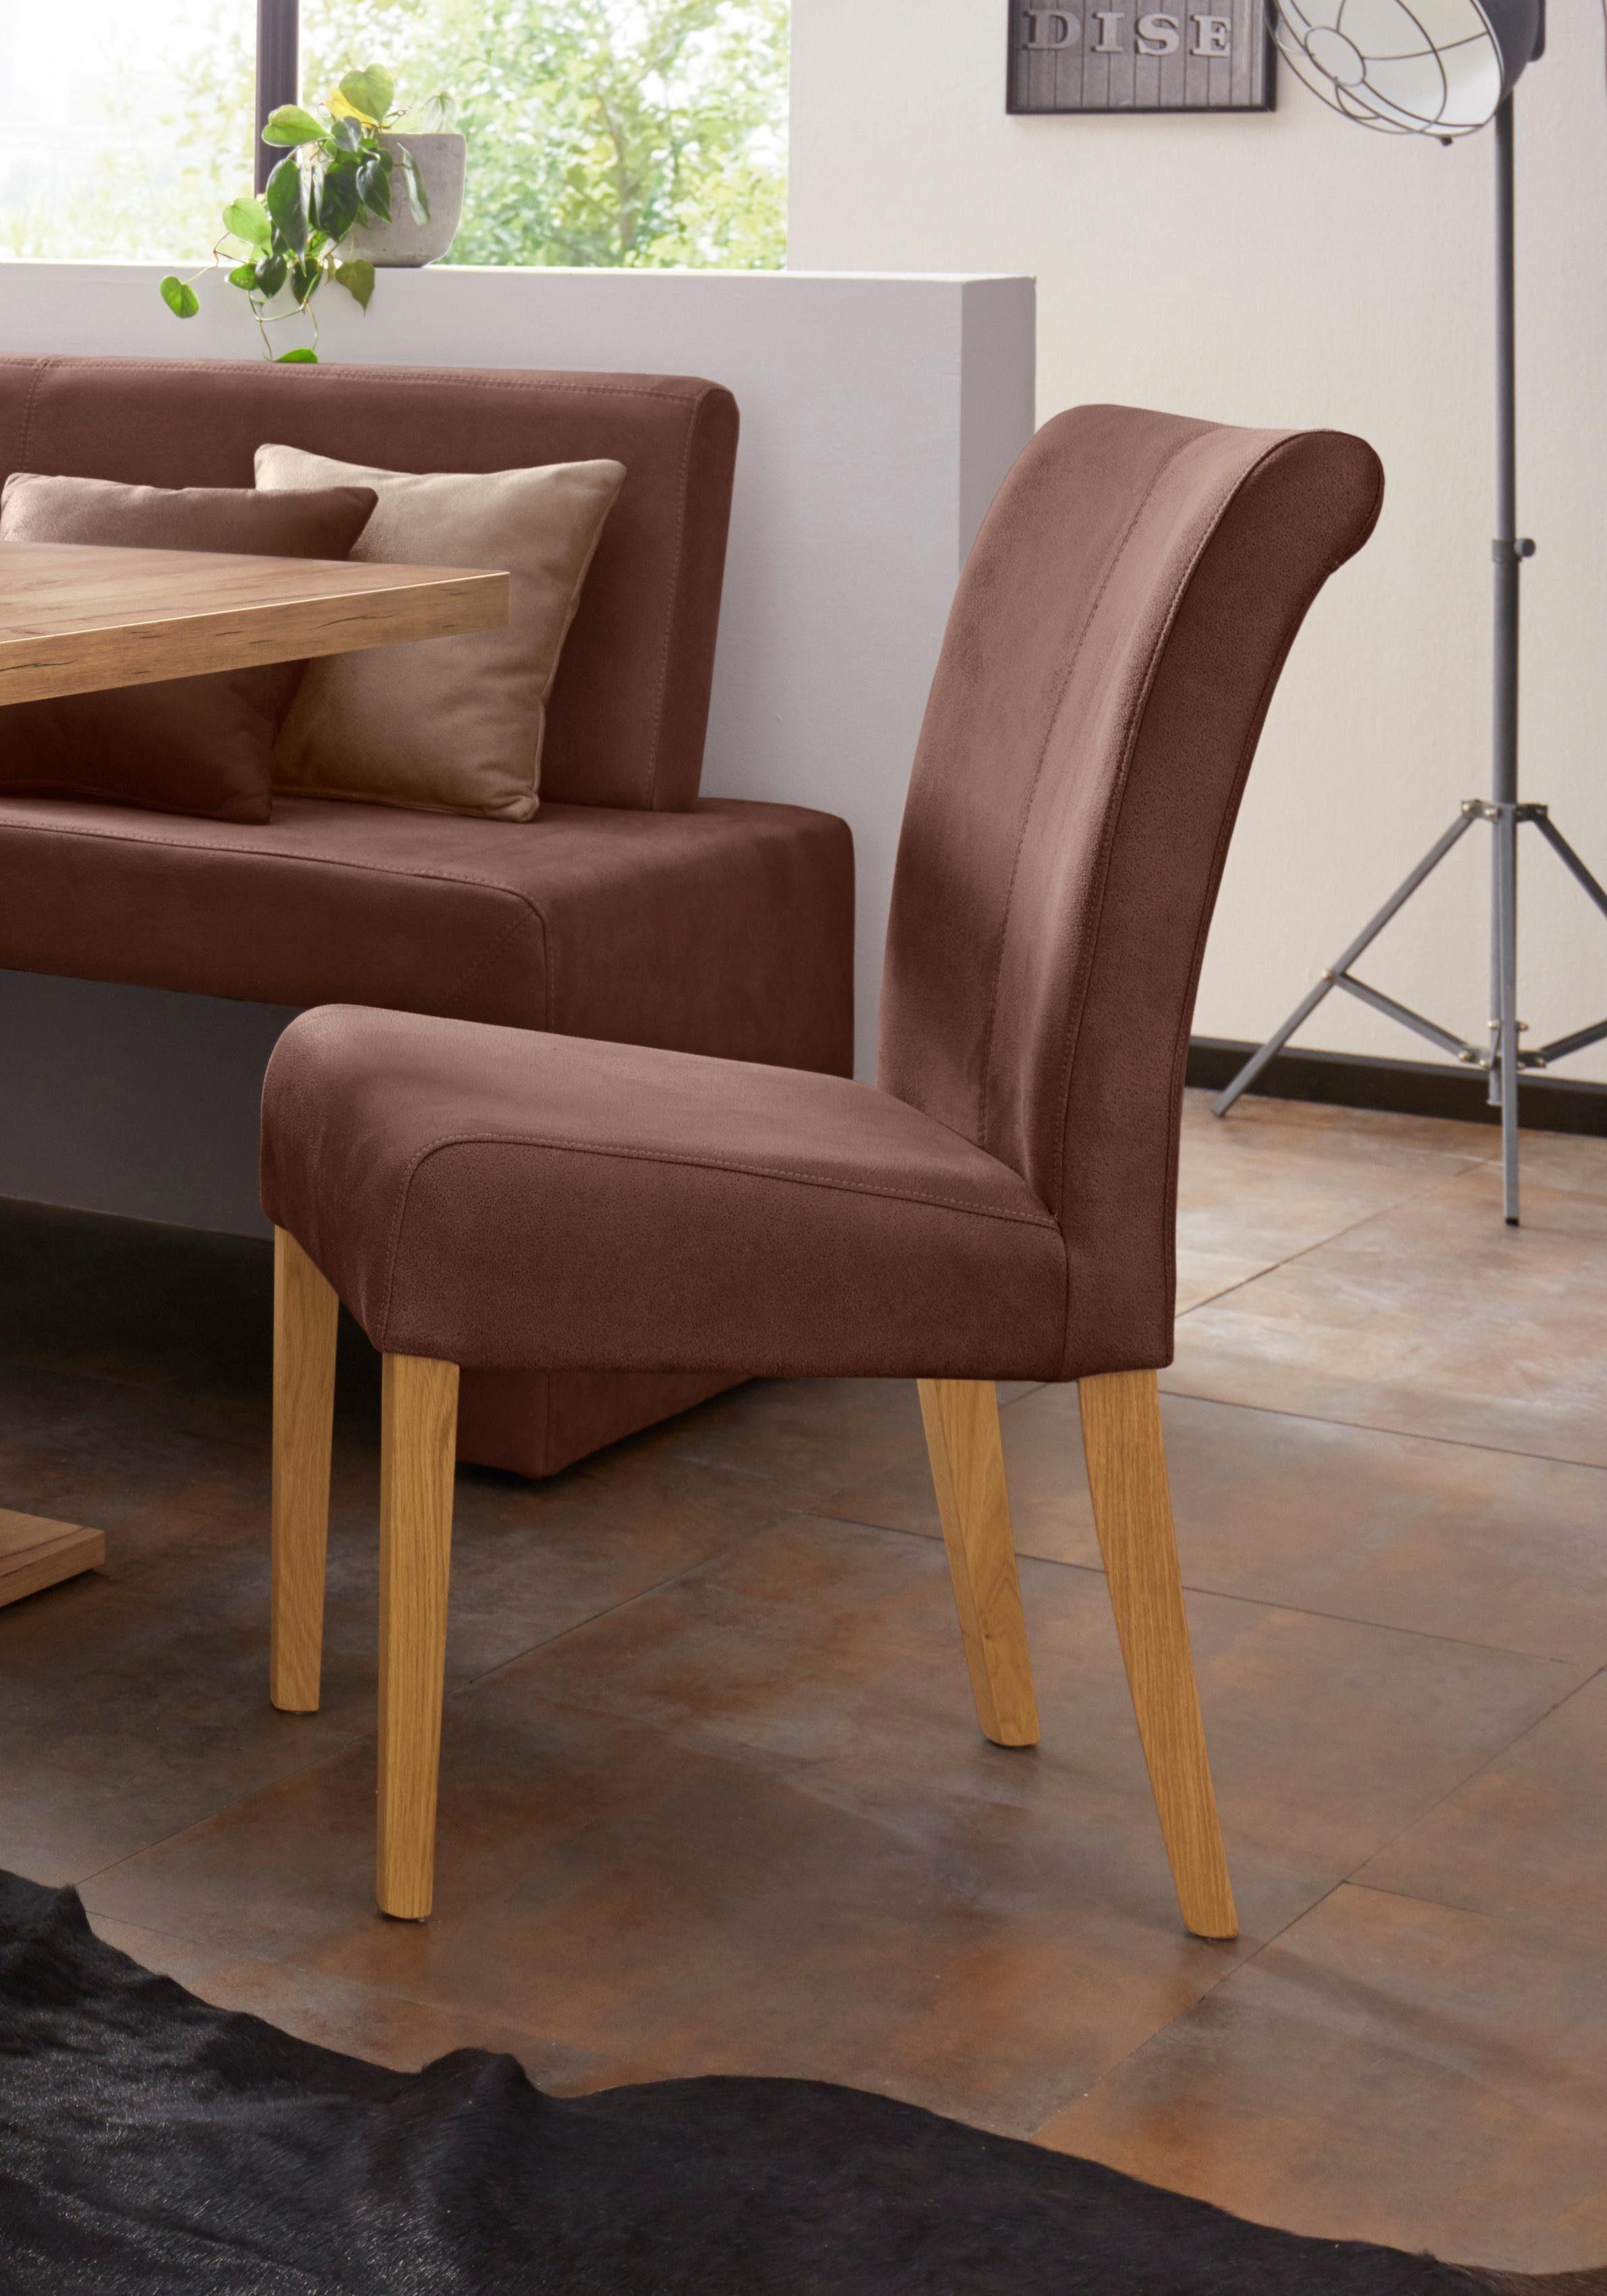 Stühle »Barcelona« 2 Stück online kaufen   OTTO